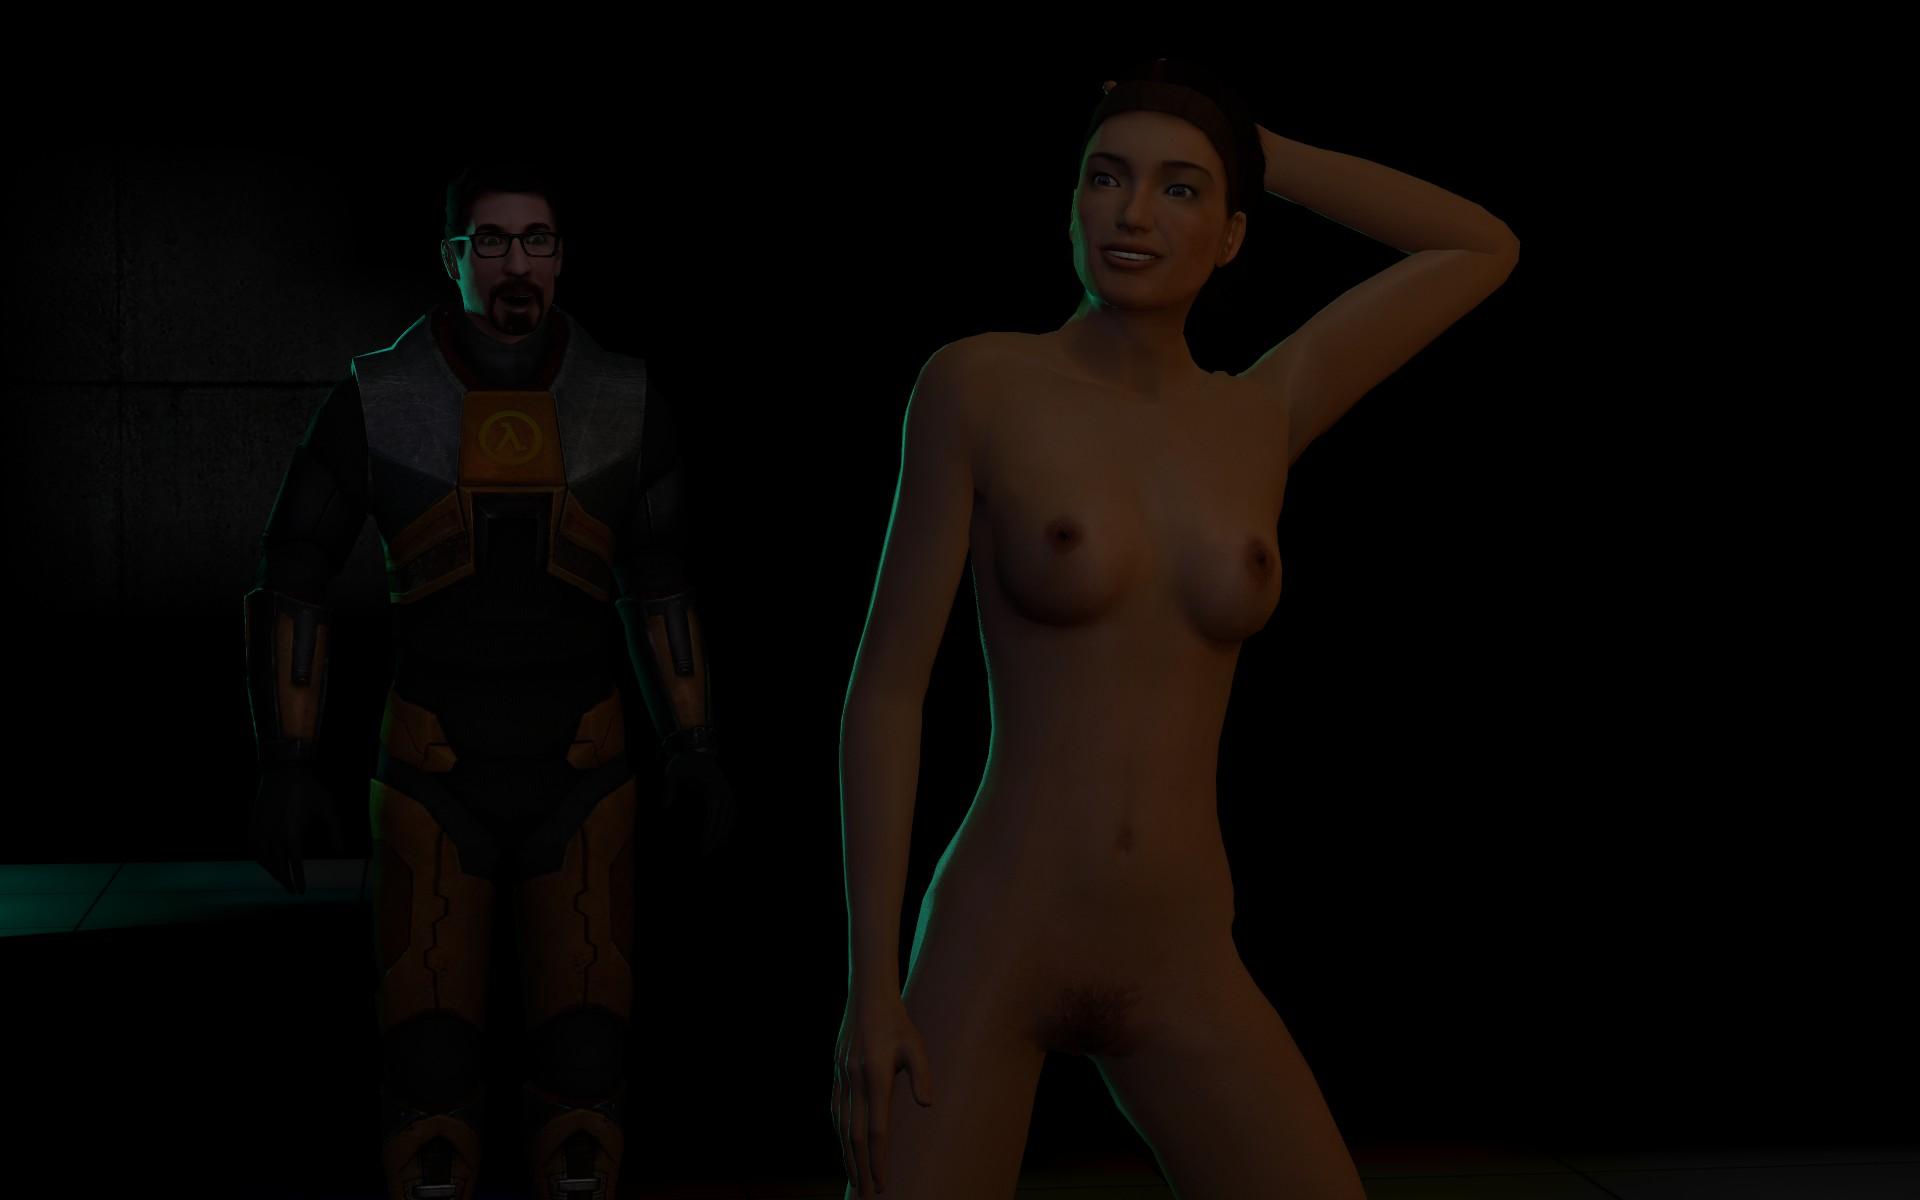 Alyx vance naked animated naked comic